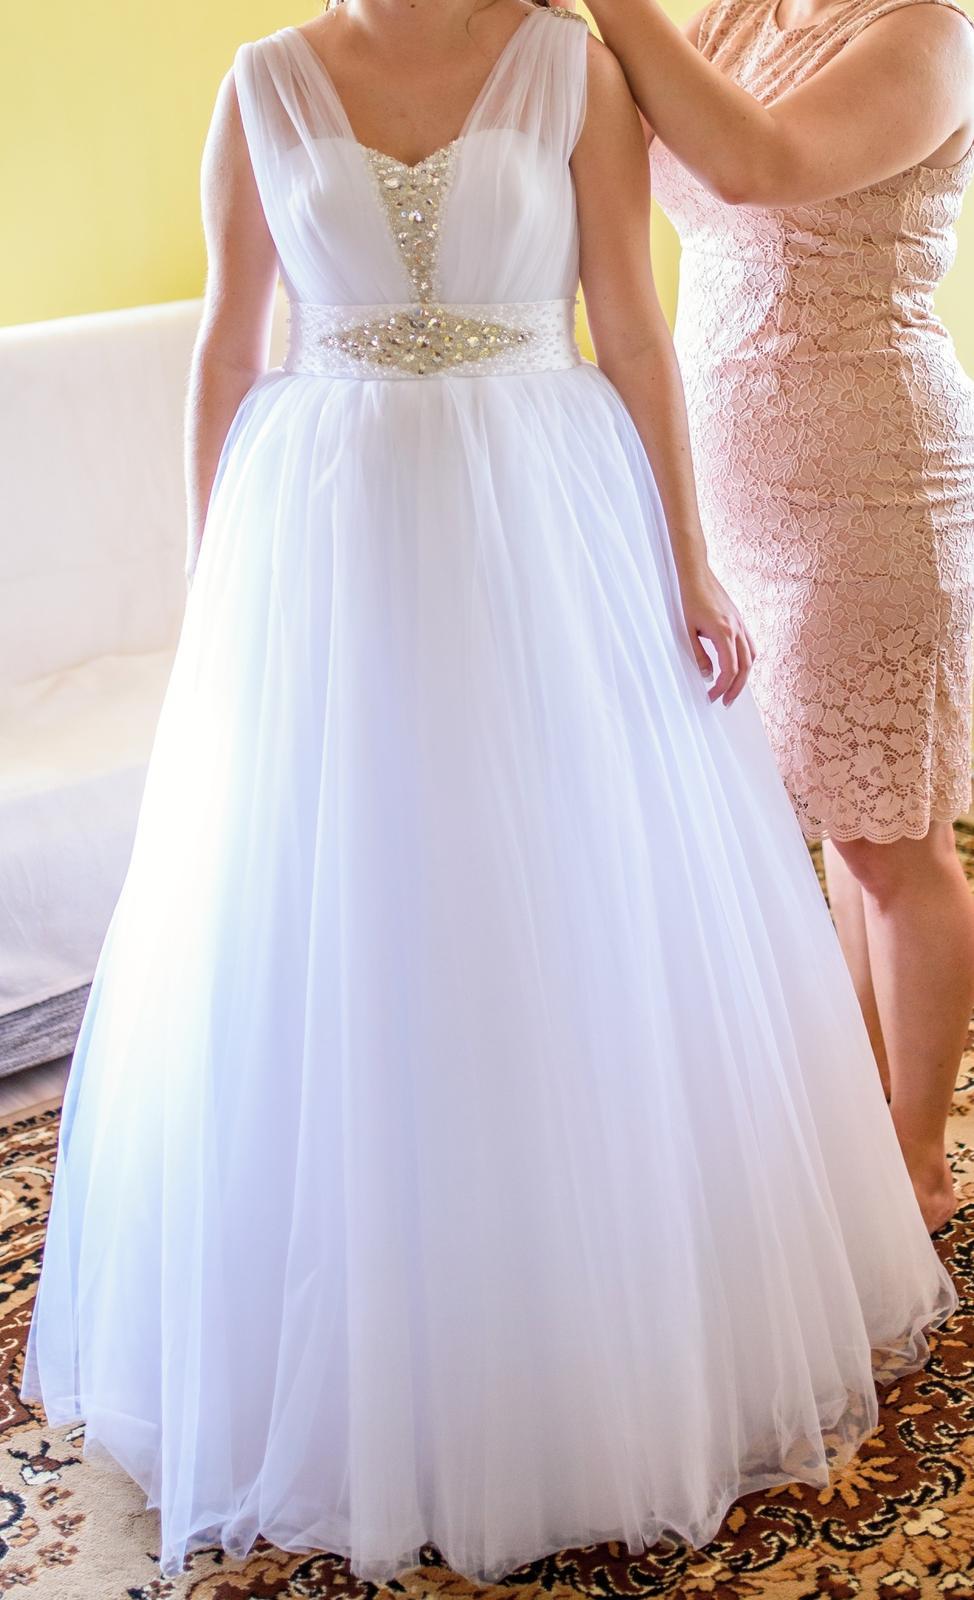 Svadobné šaty, veľ.42 - Obrázok č. 1